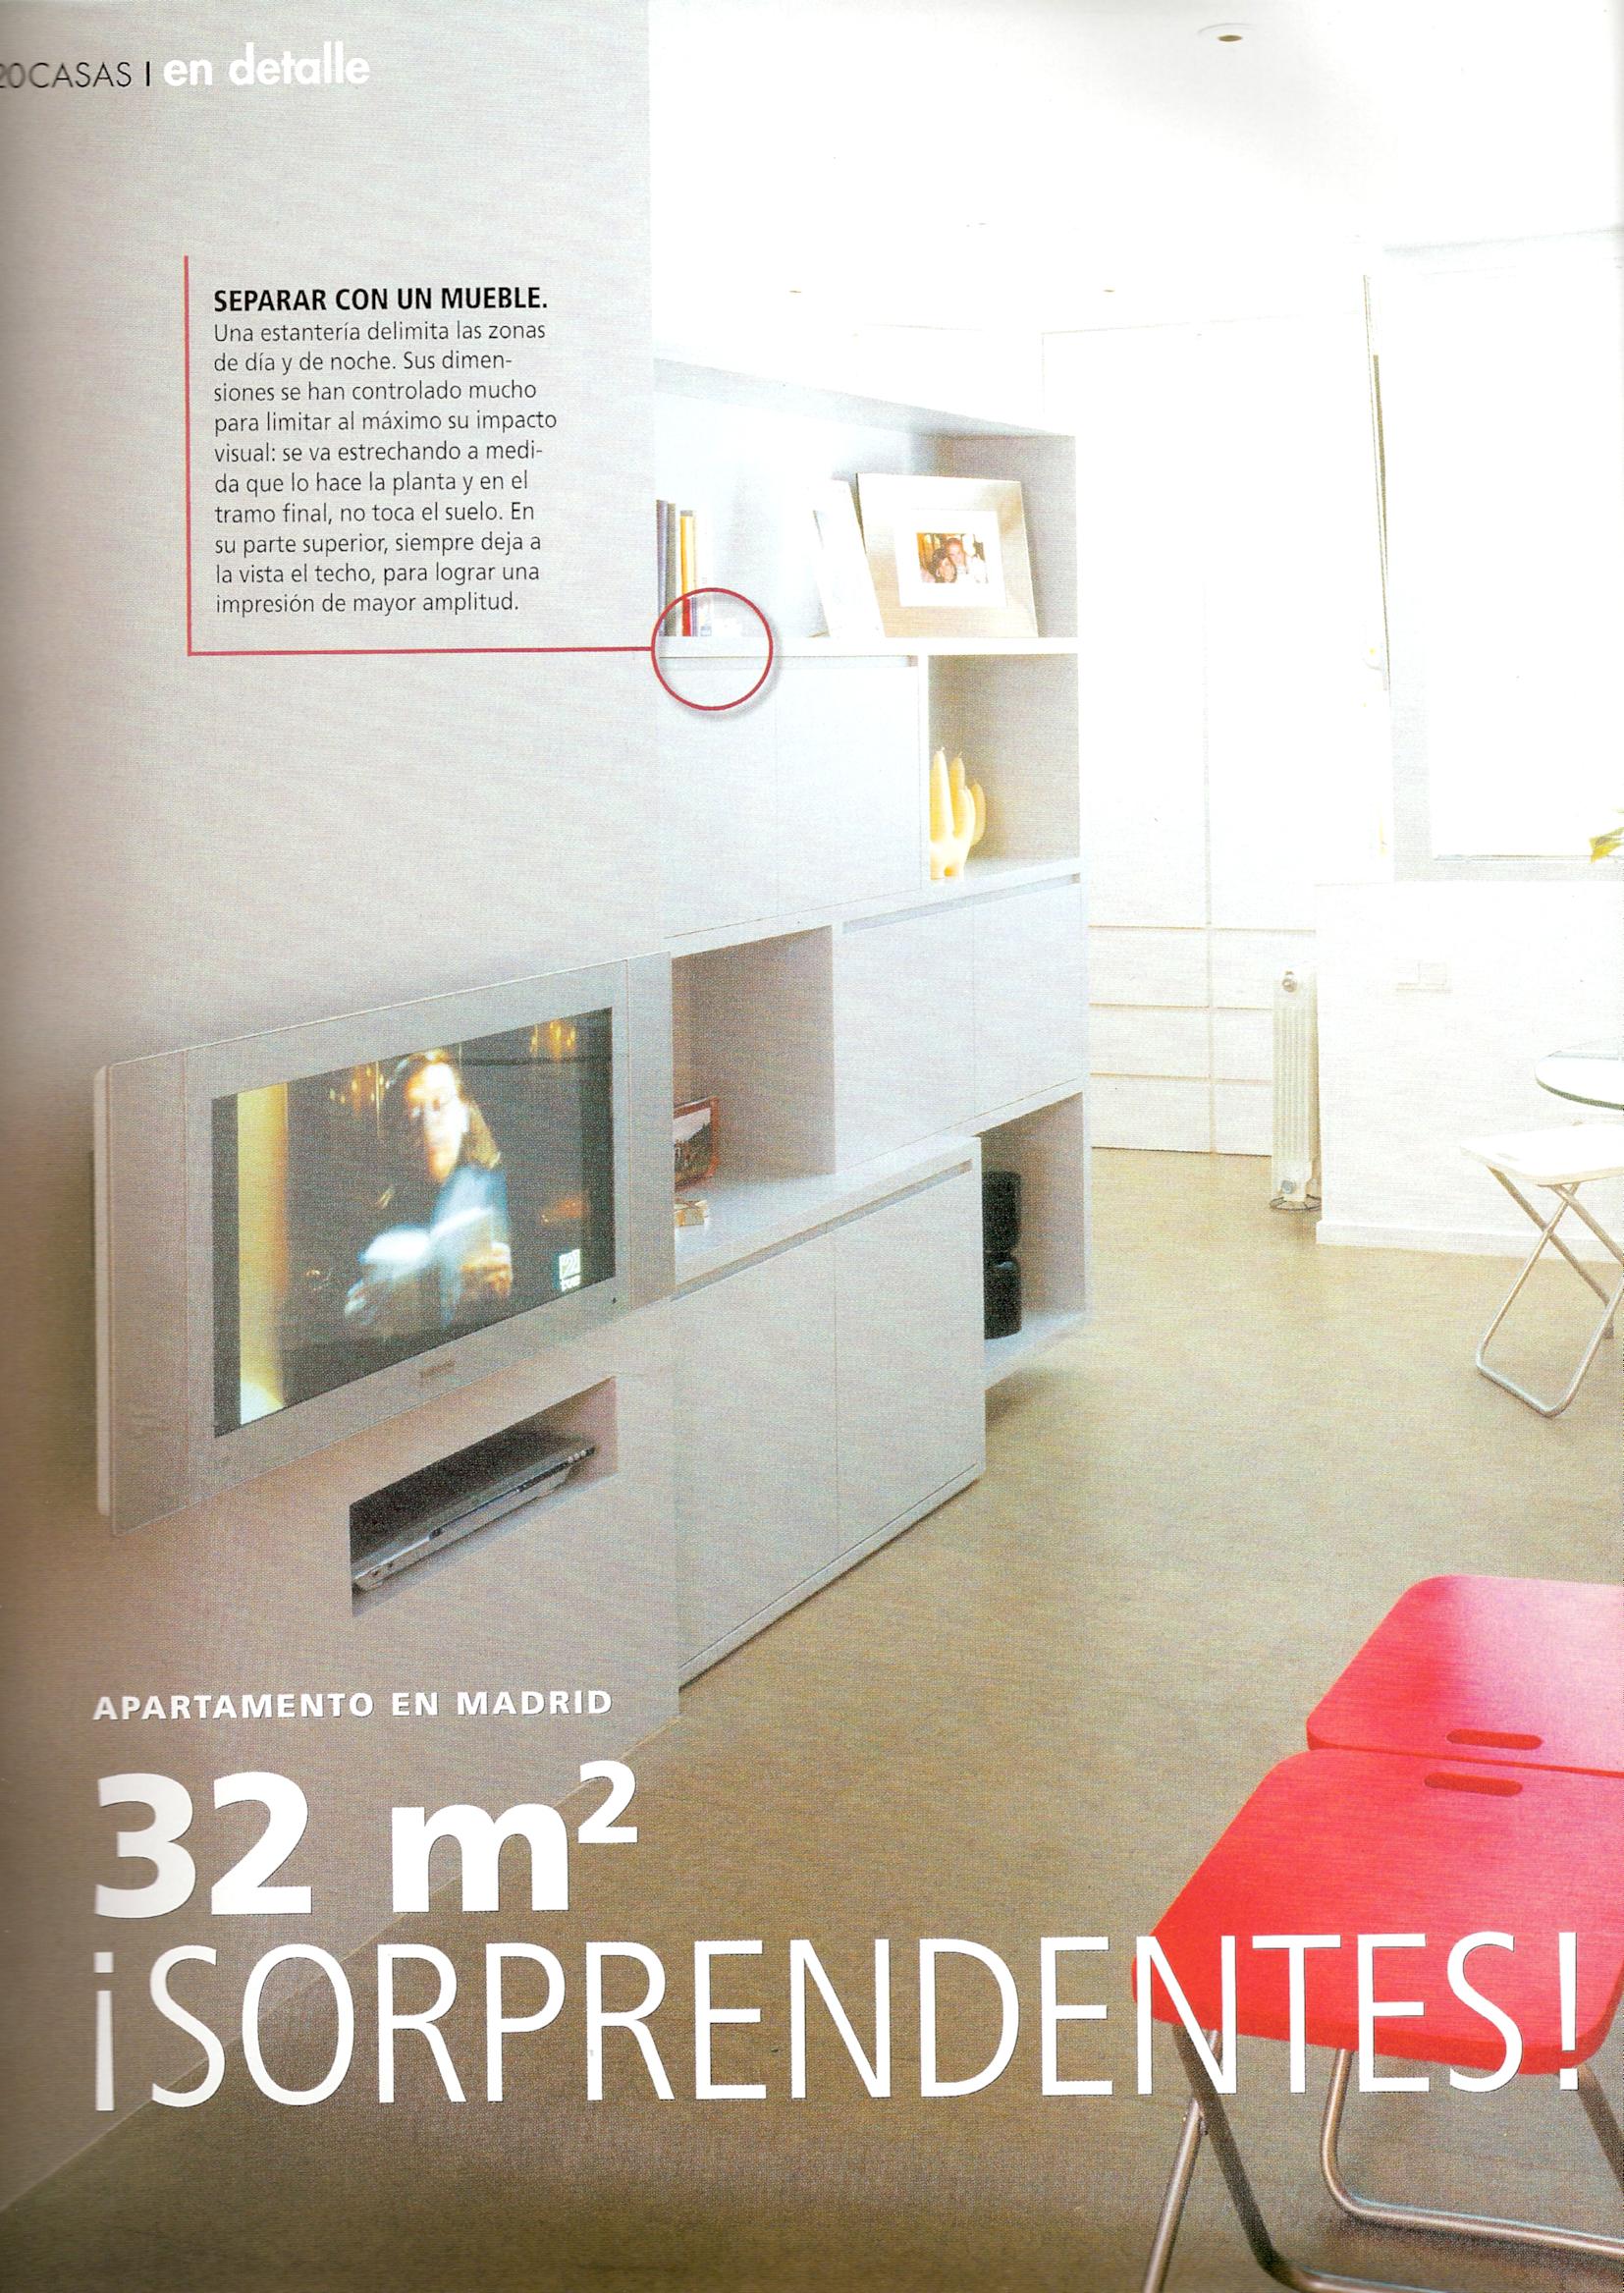 20-casas-pagina-1